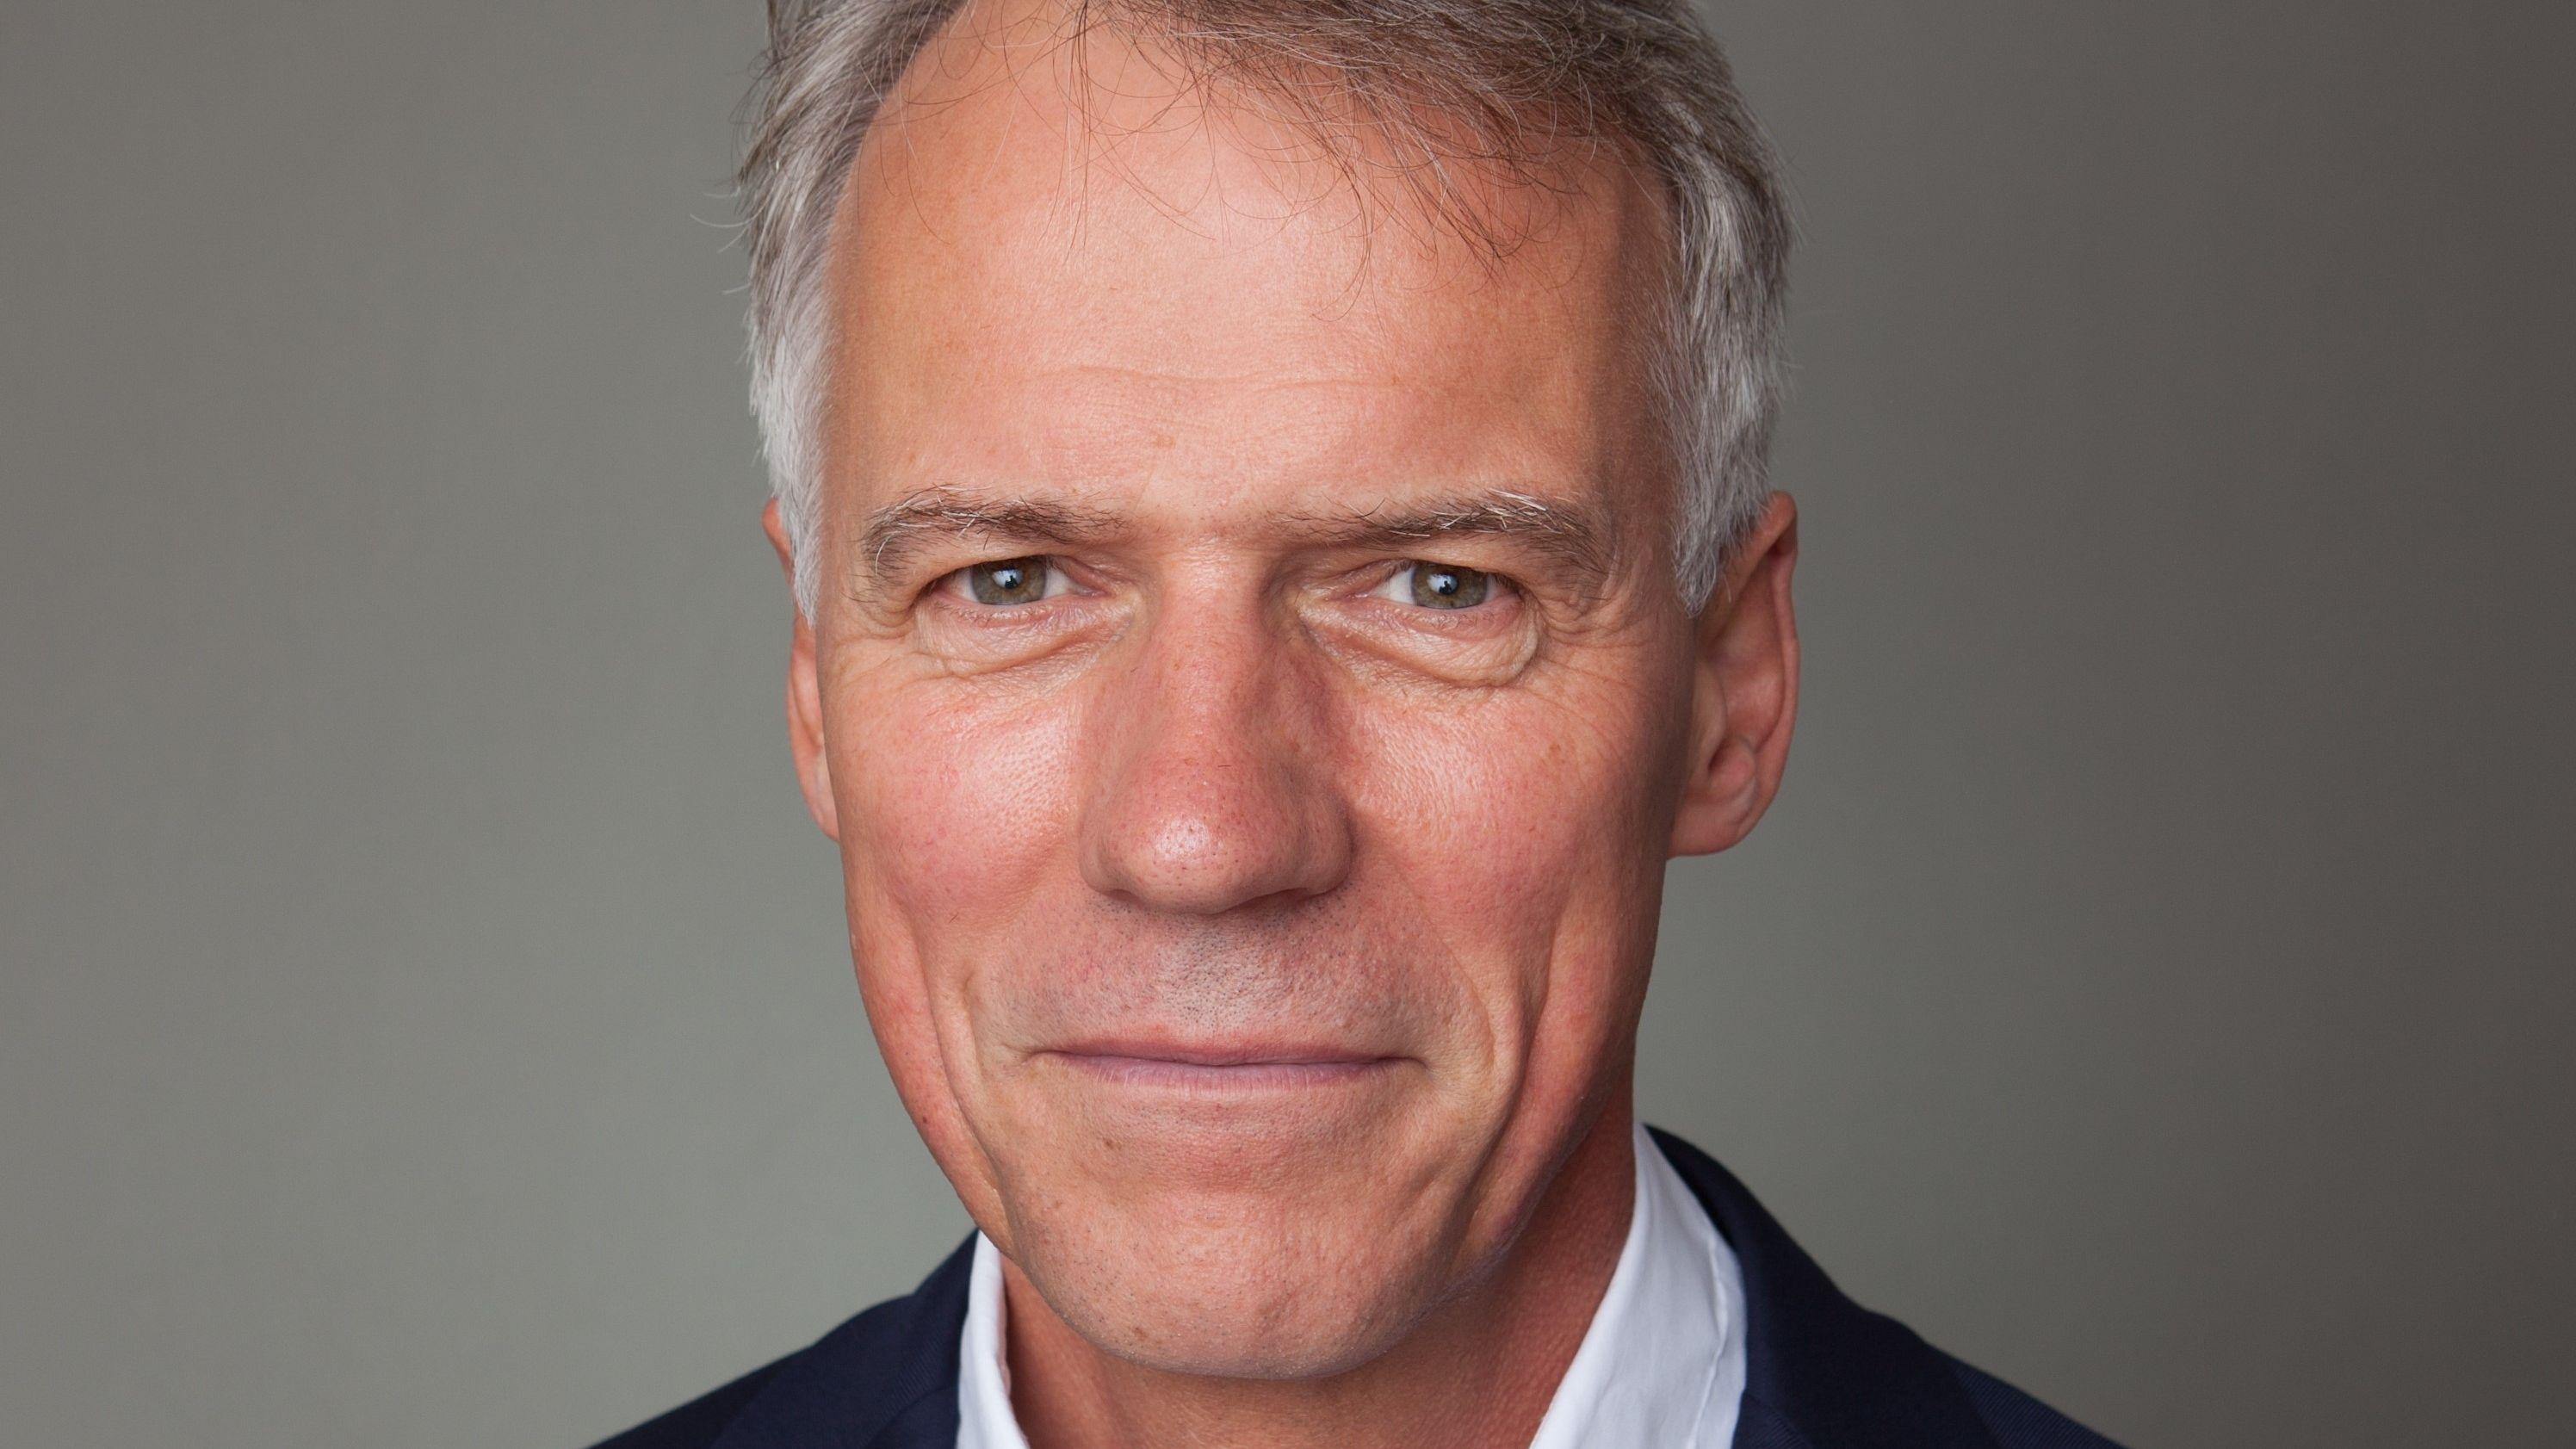 Klaus-Dietrich Lahrs